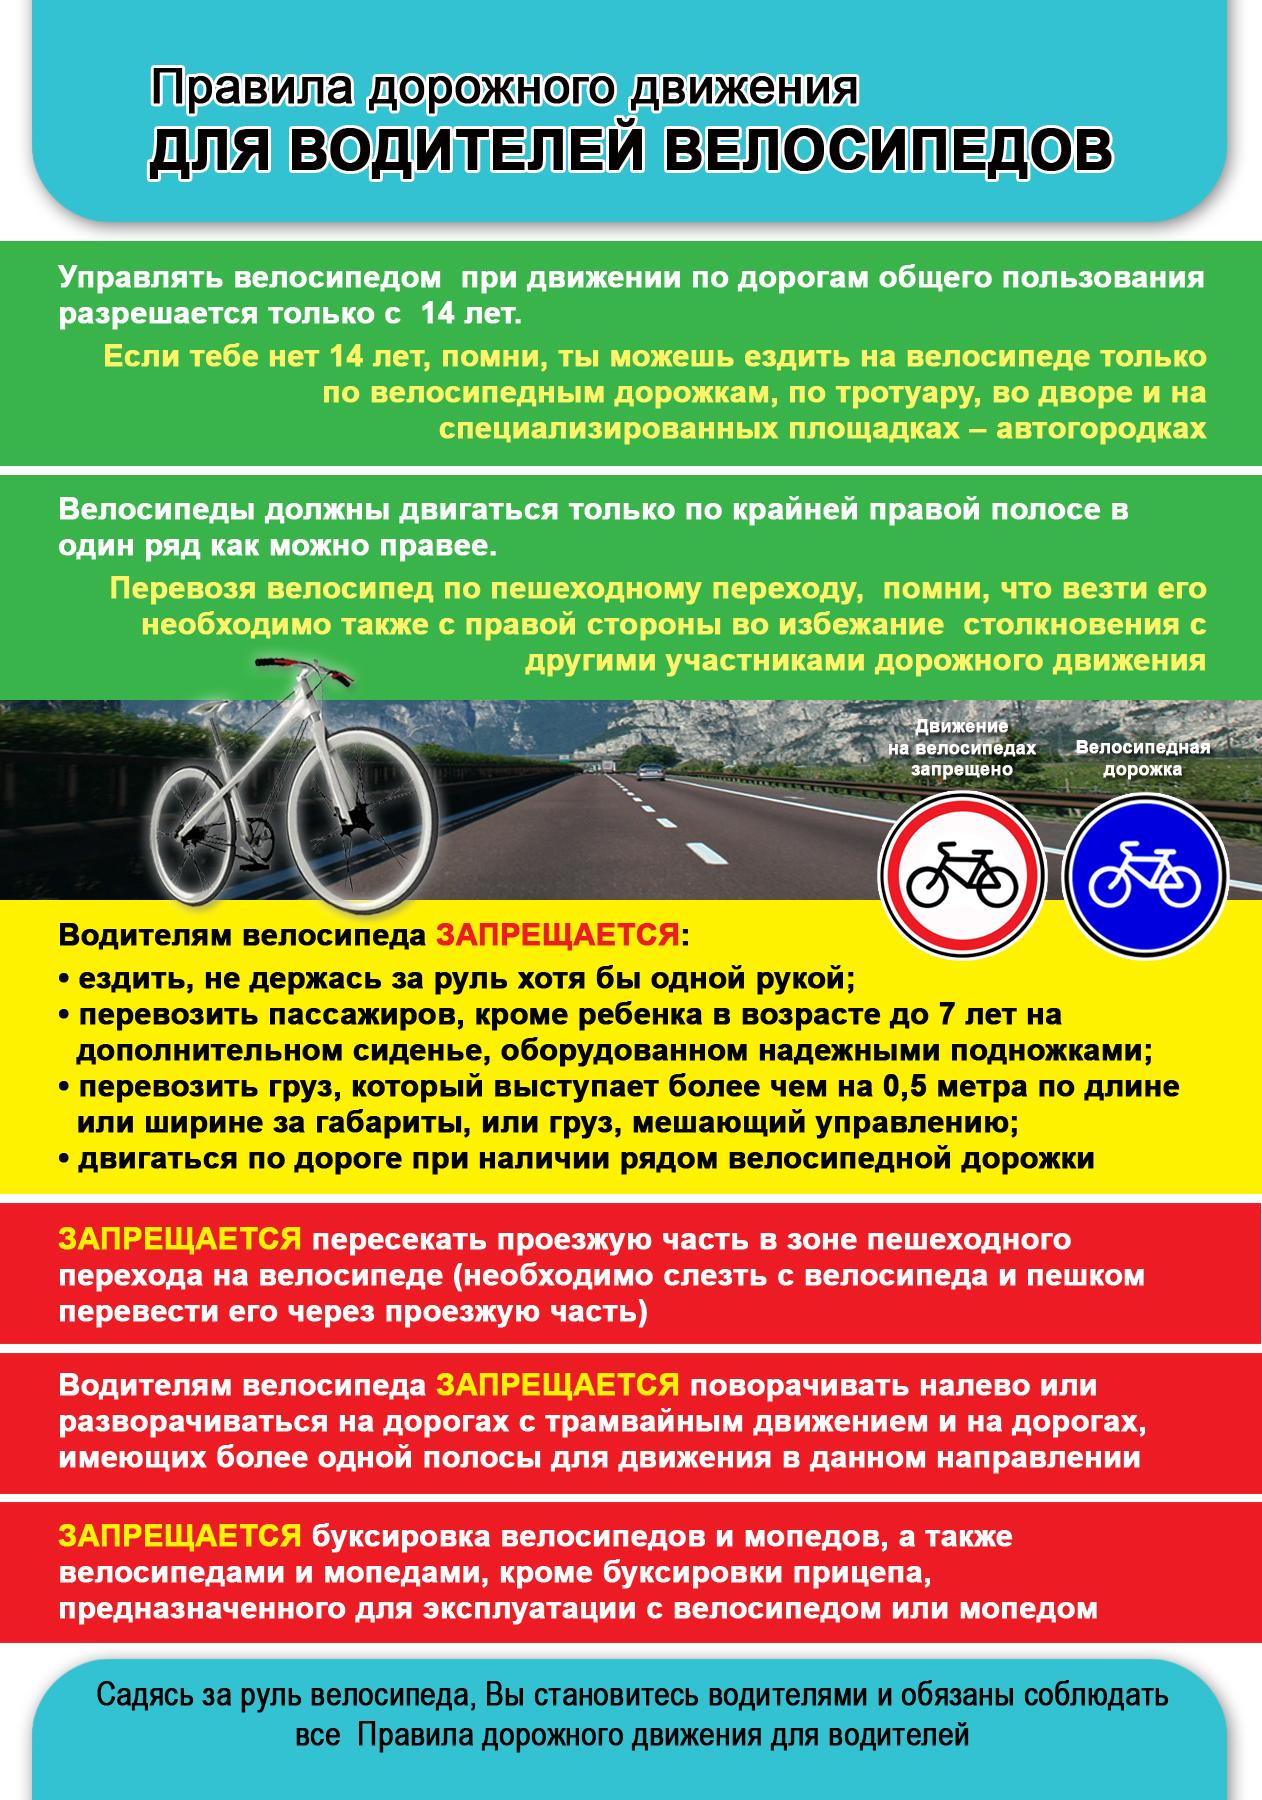 Правила дорожного движения для велосипедиста 17 фотография